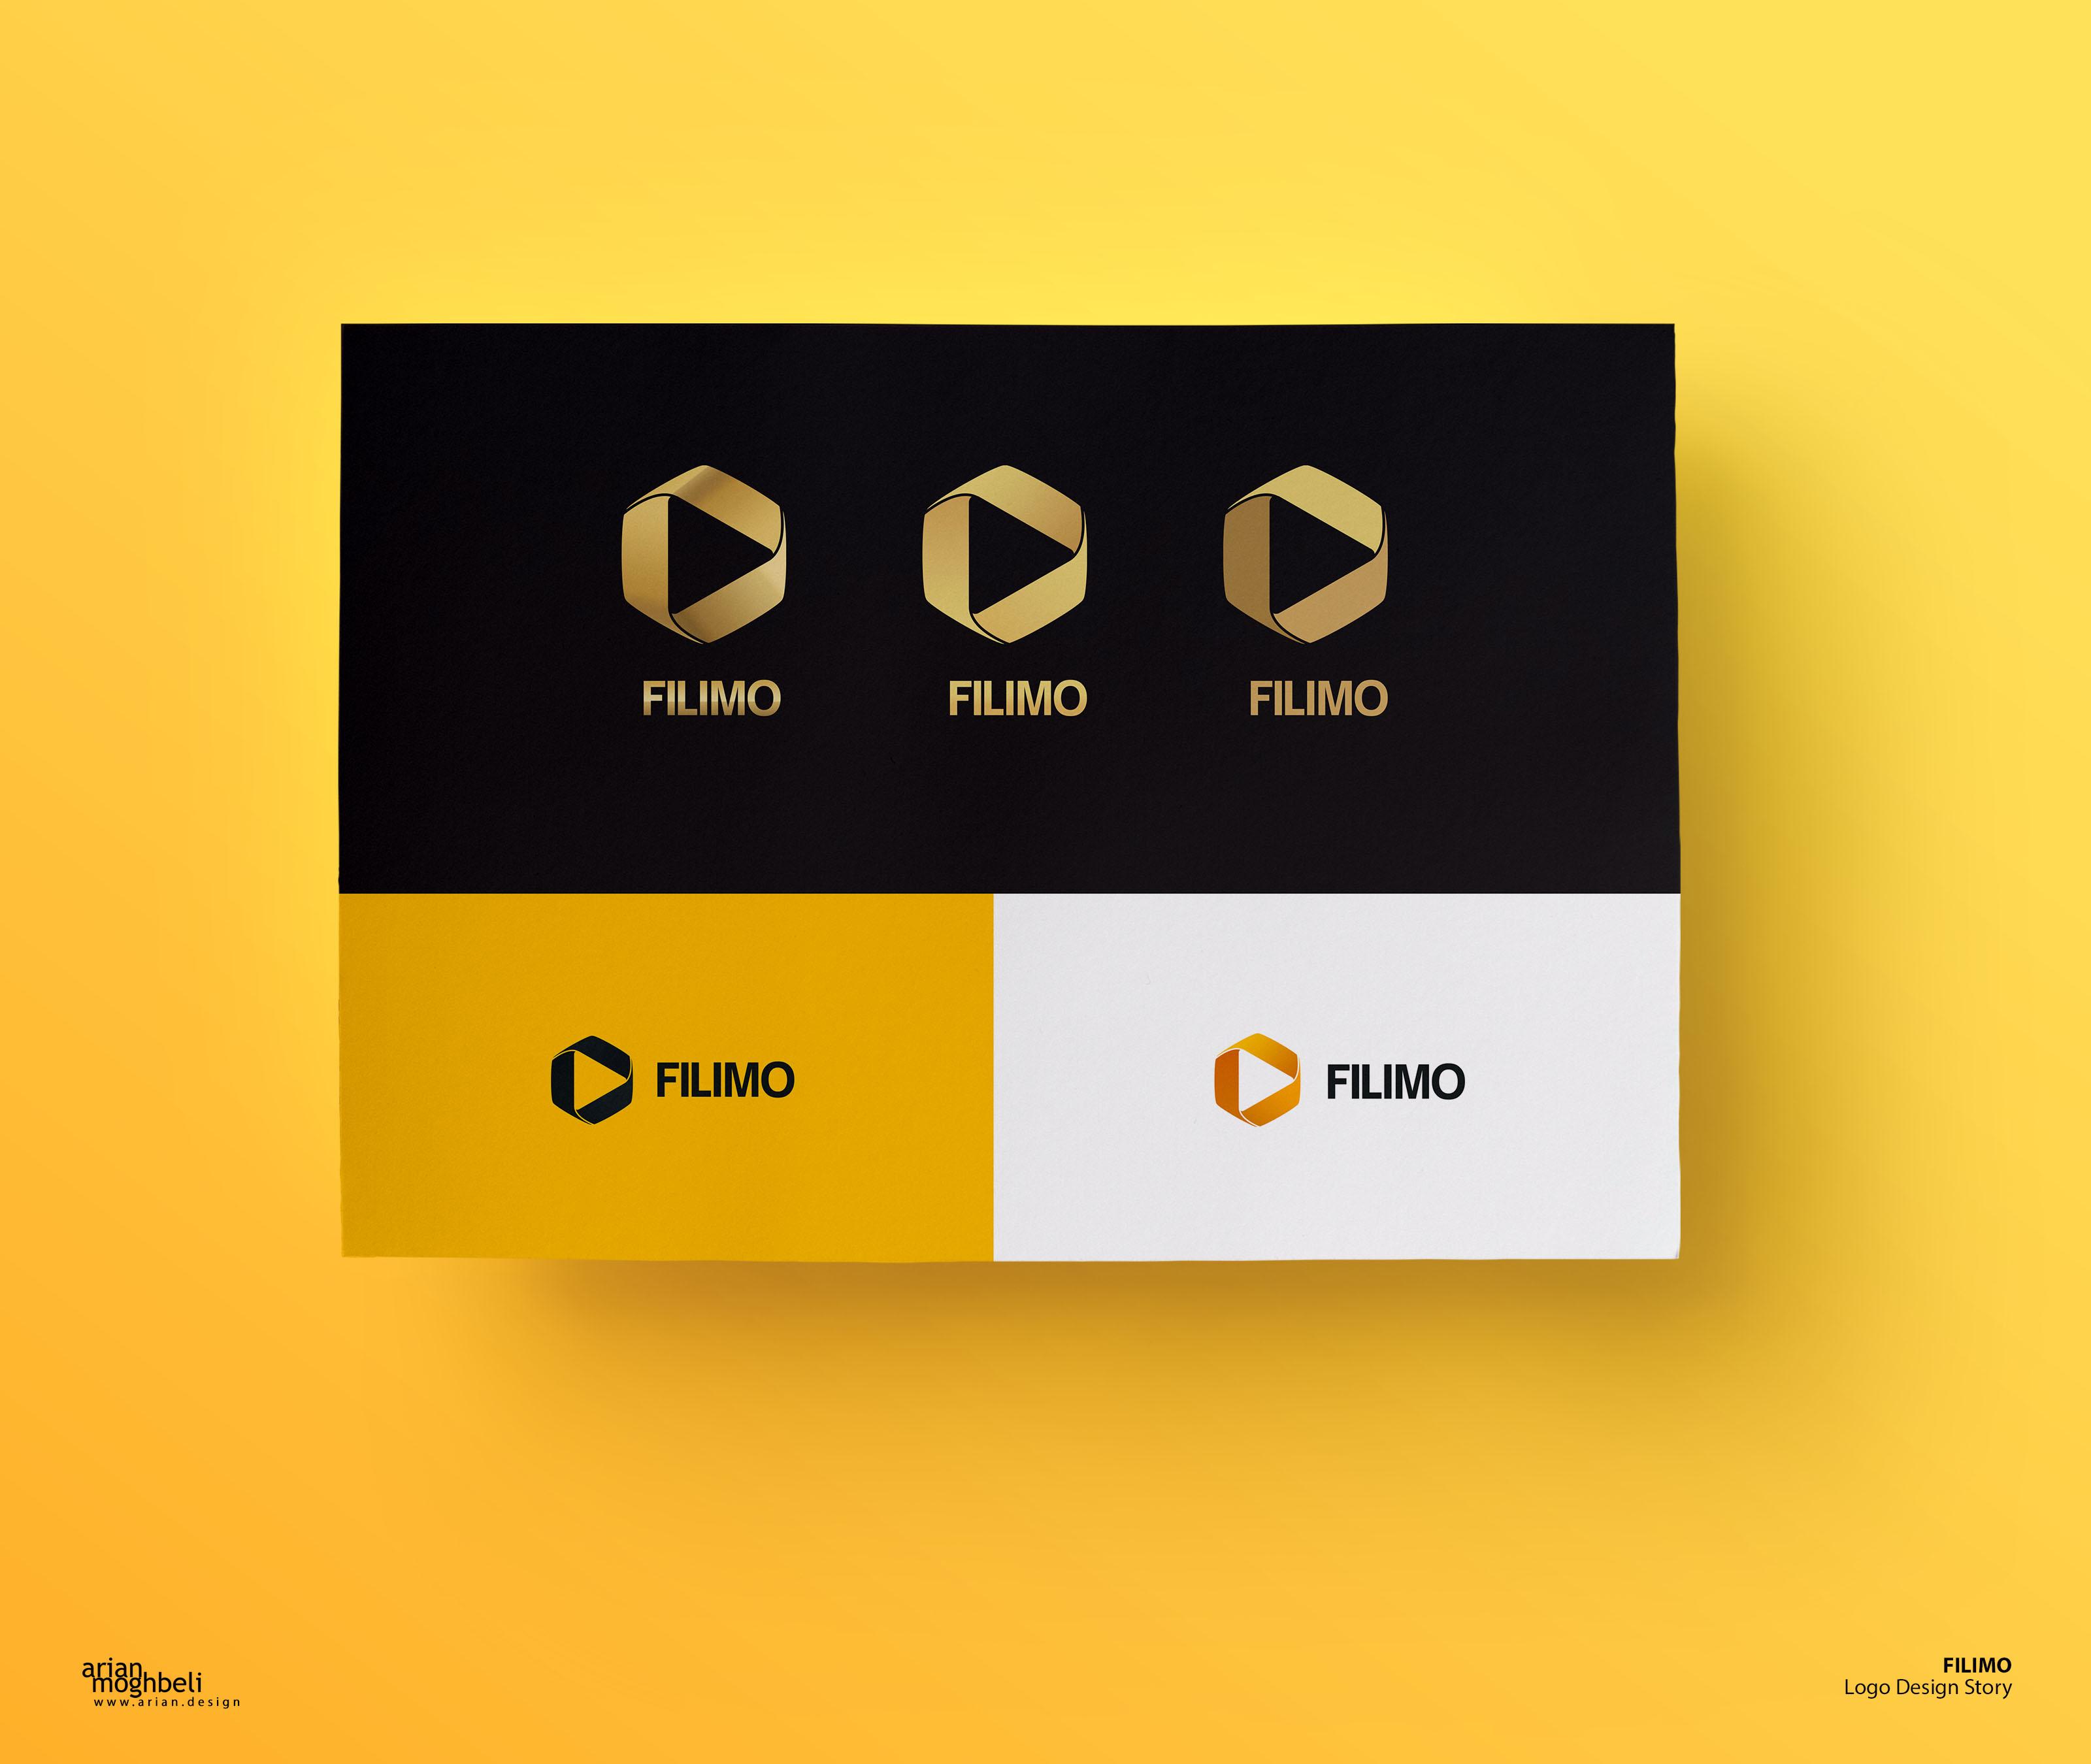 پیشنهاد پالت رنگی فیلیمو - طلایی در کنار زردنارنجی